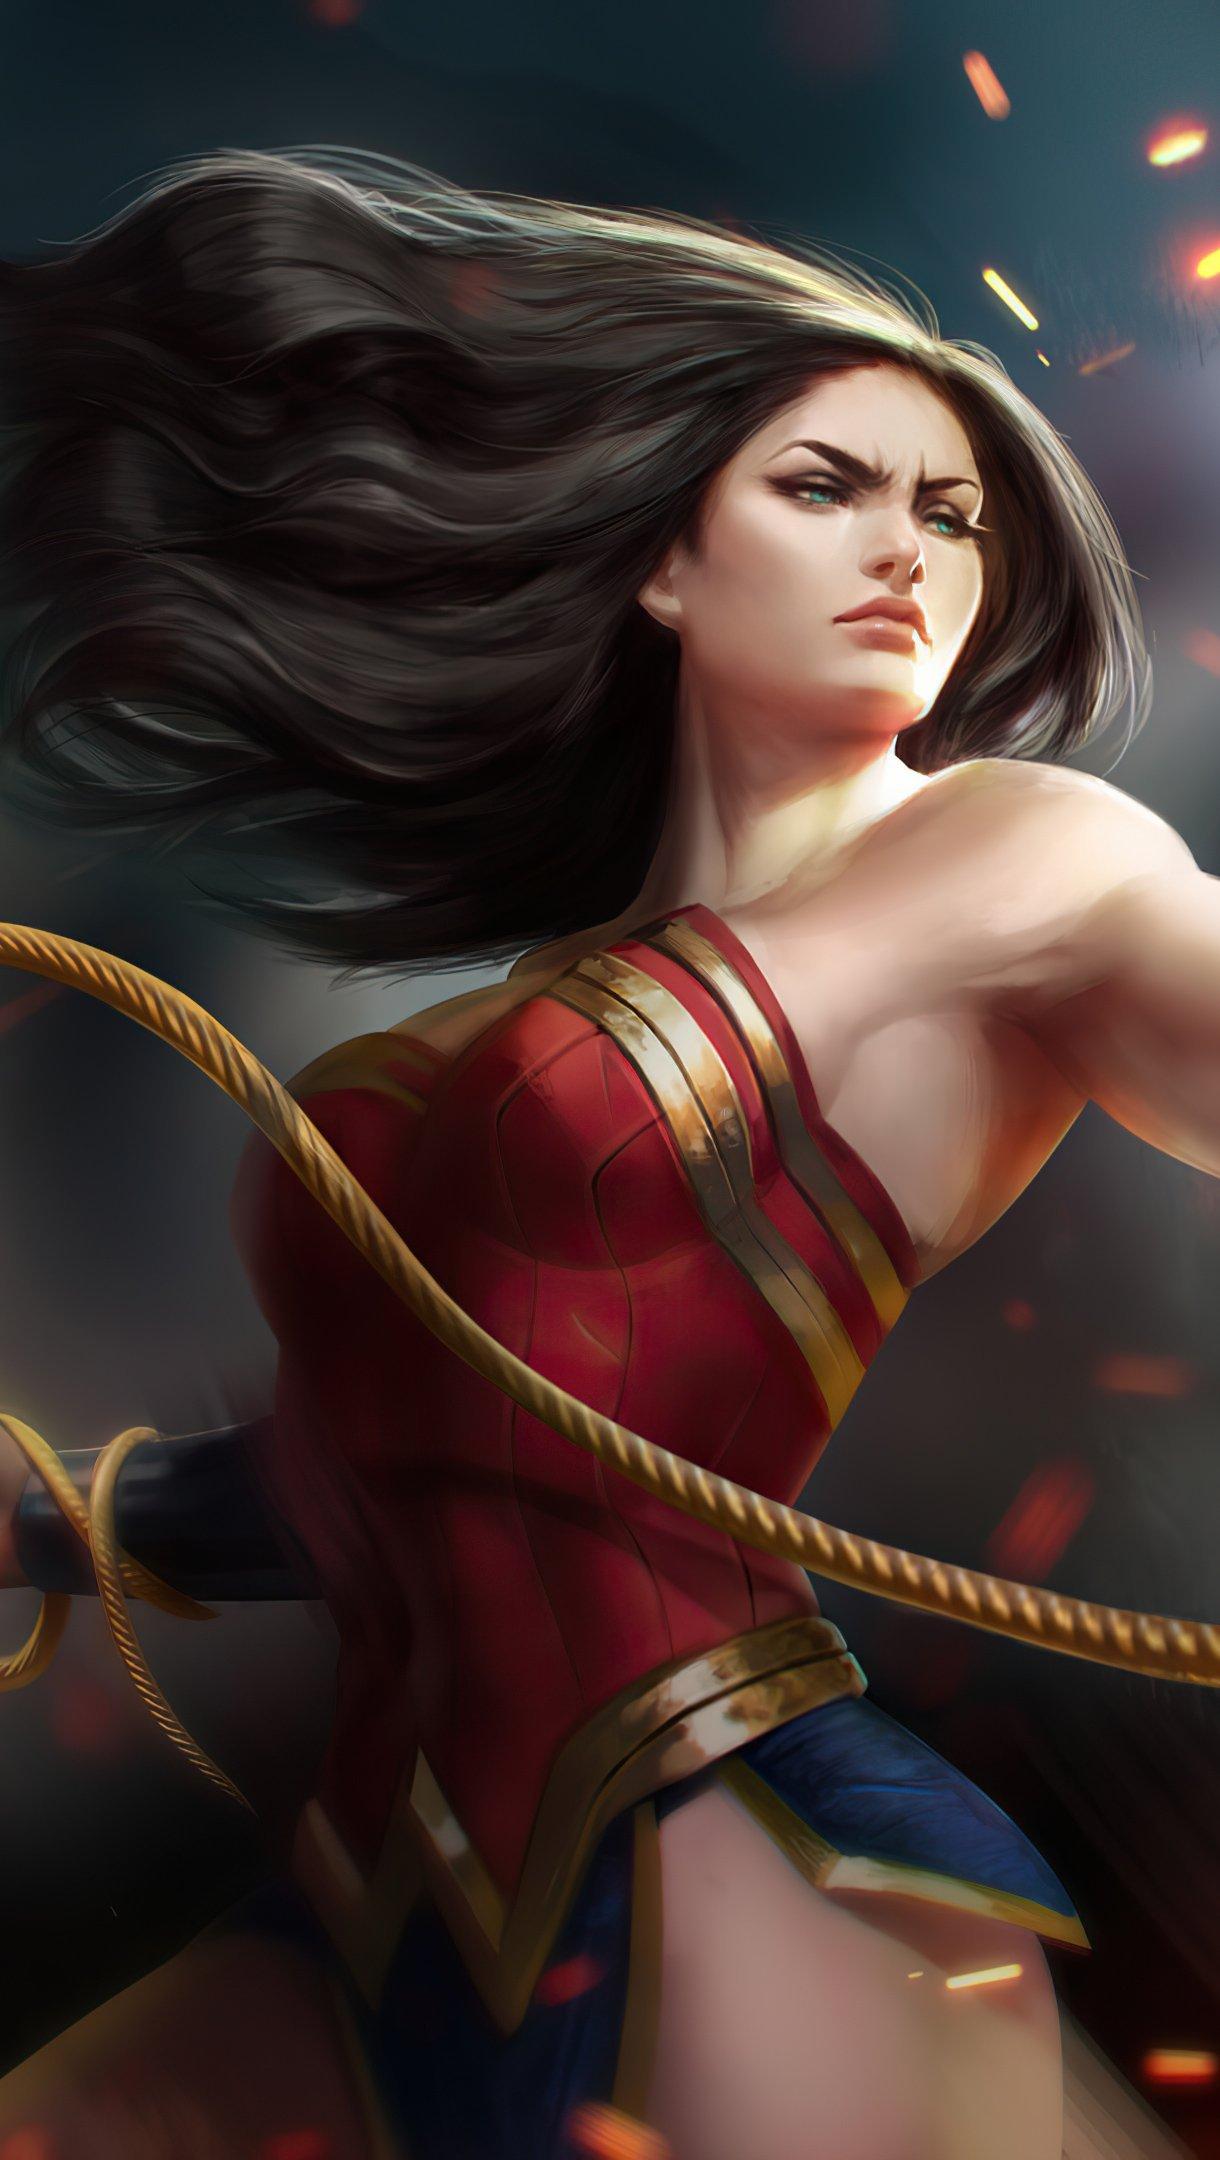 Fondos de pantalla La mujer maravilla como guerrera Vertical